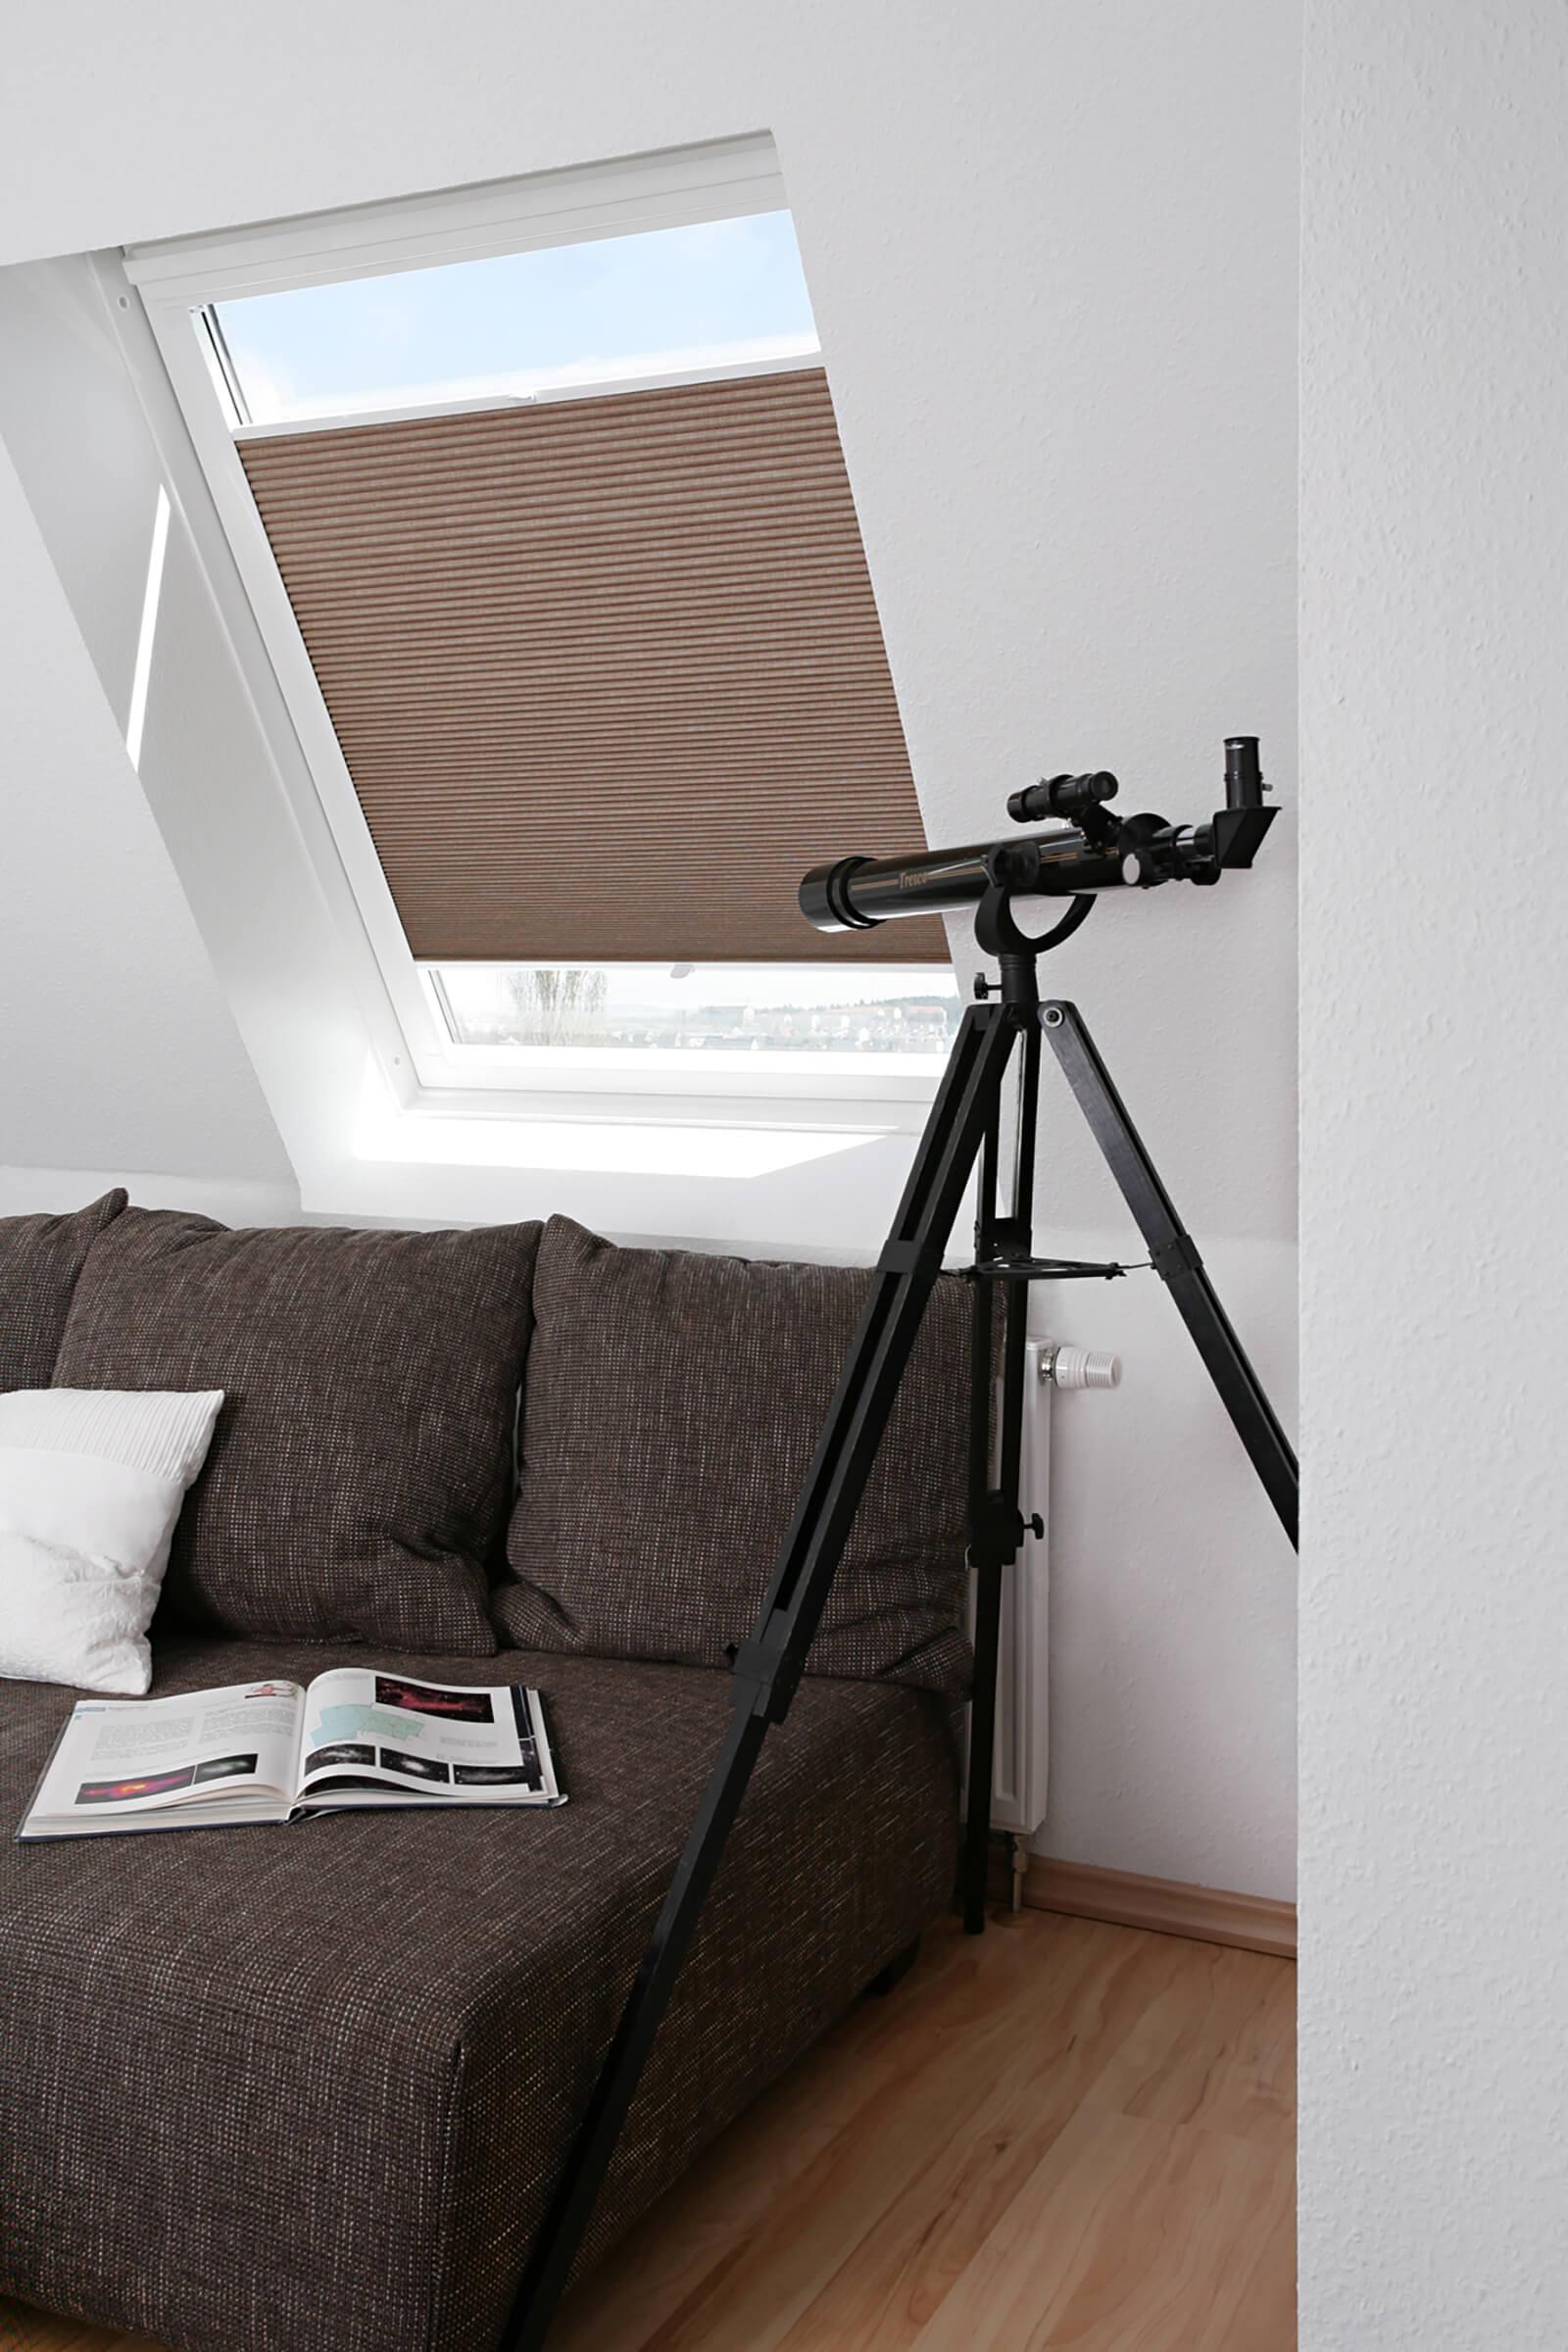 Braune Wabenplissees für Dachfenster im Wohnzimmer